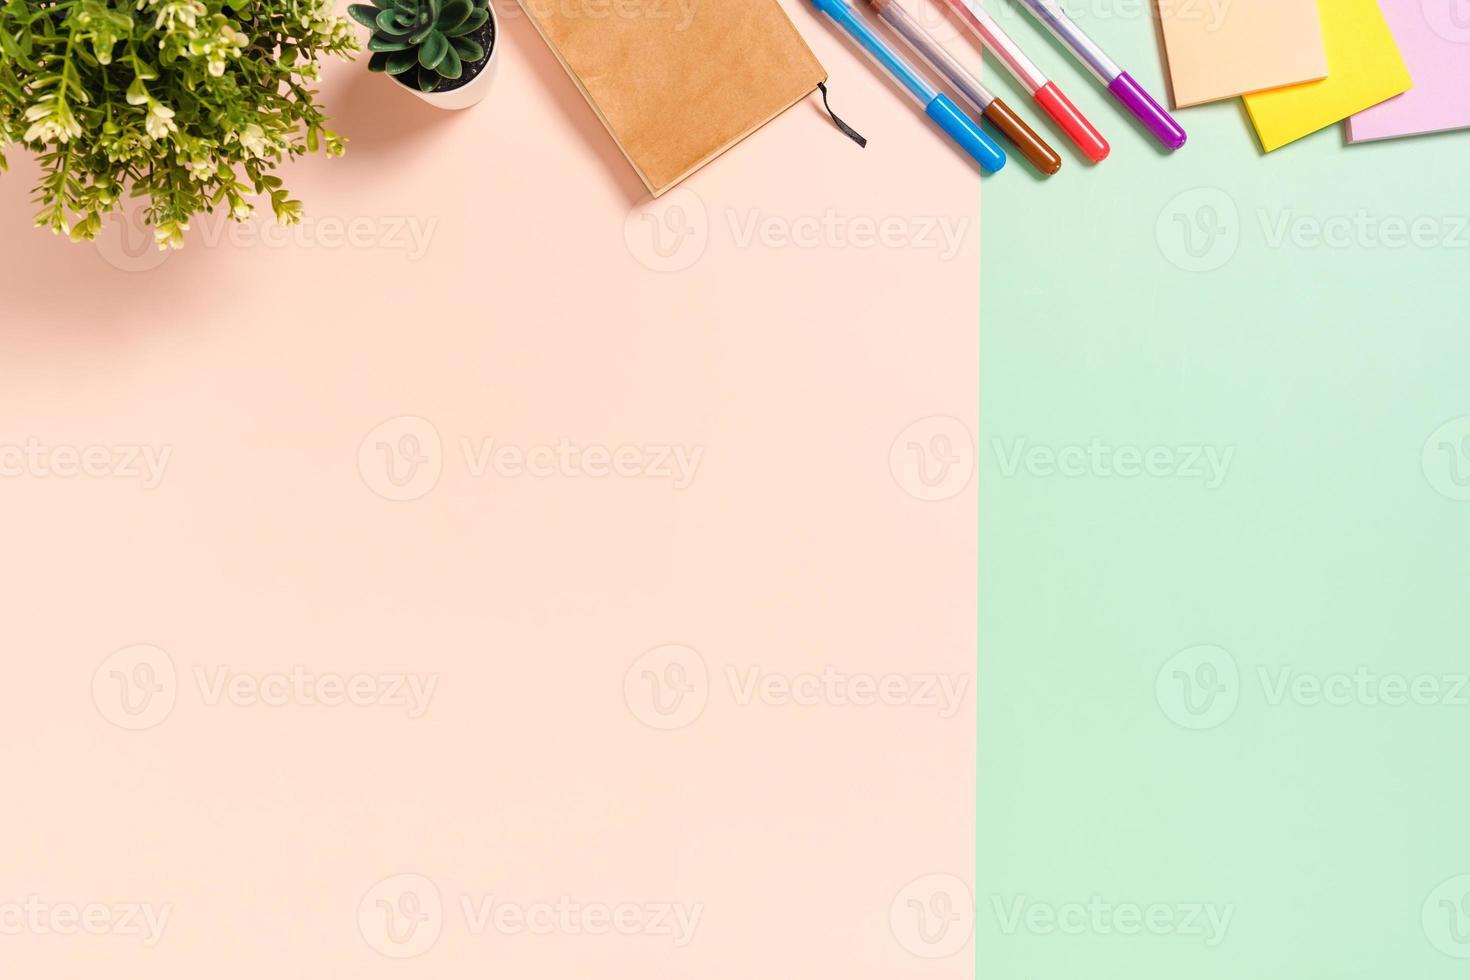 espaço de trabalho mínimo - foto criativa plana da mesa do espaço de trabalho. mesa de escritório com vista superior com nota adesiva e caderno em fundo de cor rosa verde pastel. vista superior com fotografia do espaço da cópia.